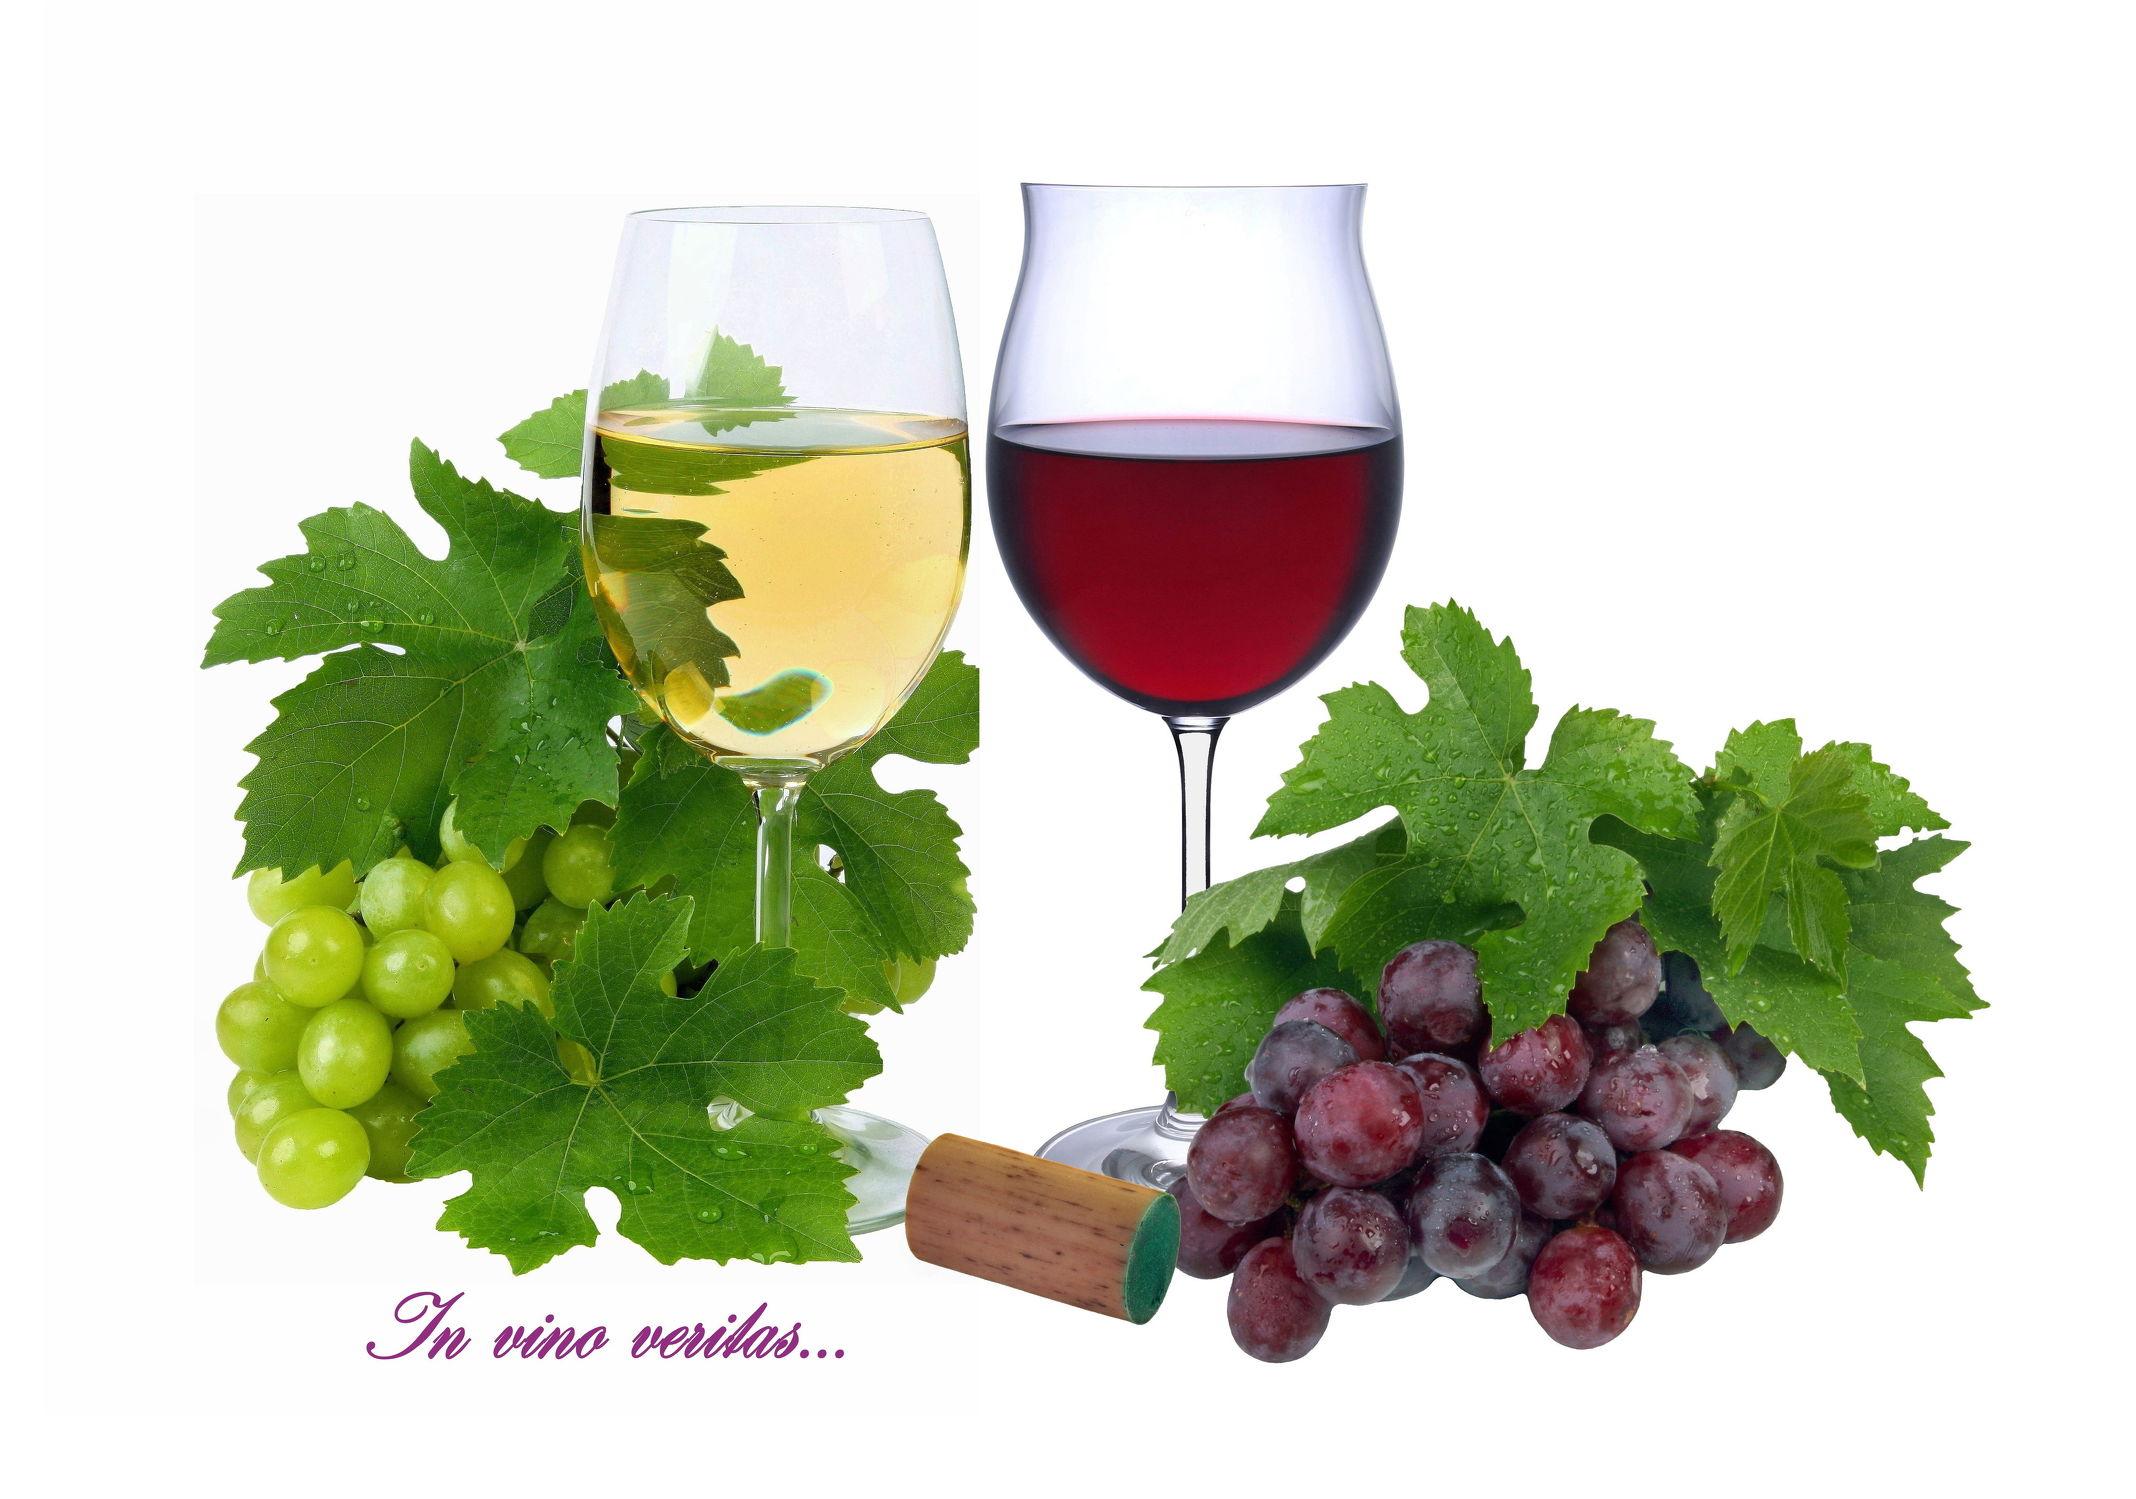 Bild mit Essen, Trinken, Weintraube, Weintrauben, Wein, Getränk, rotwein, rotweinglas, weinglas, Weisswein, weißwein, weinblätter, weinlaub